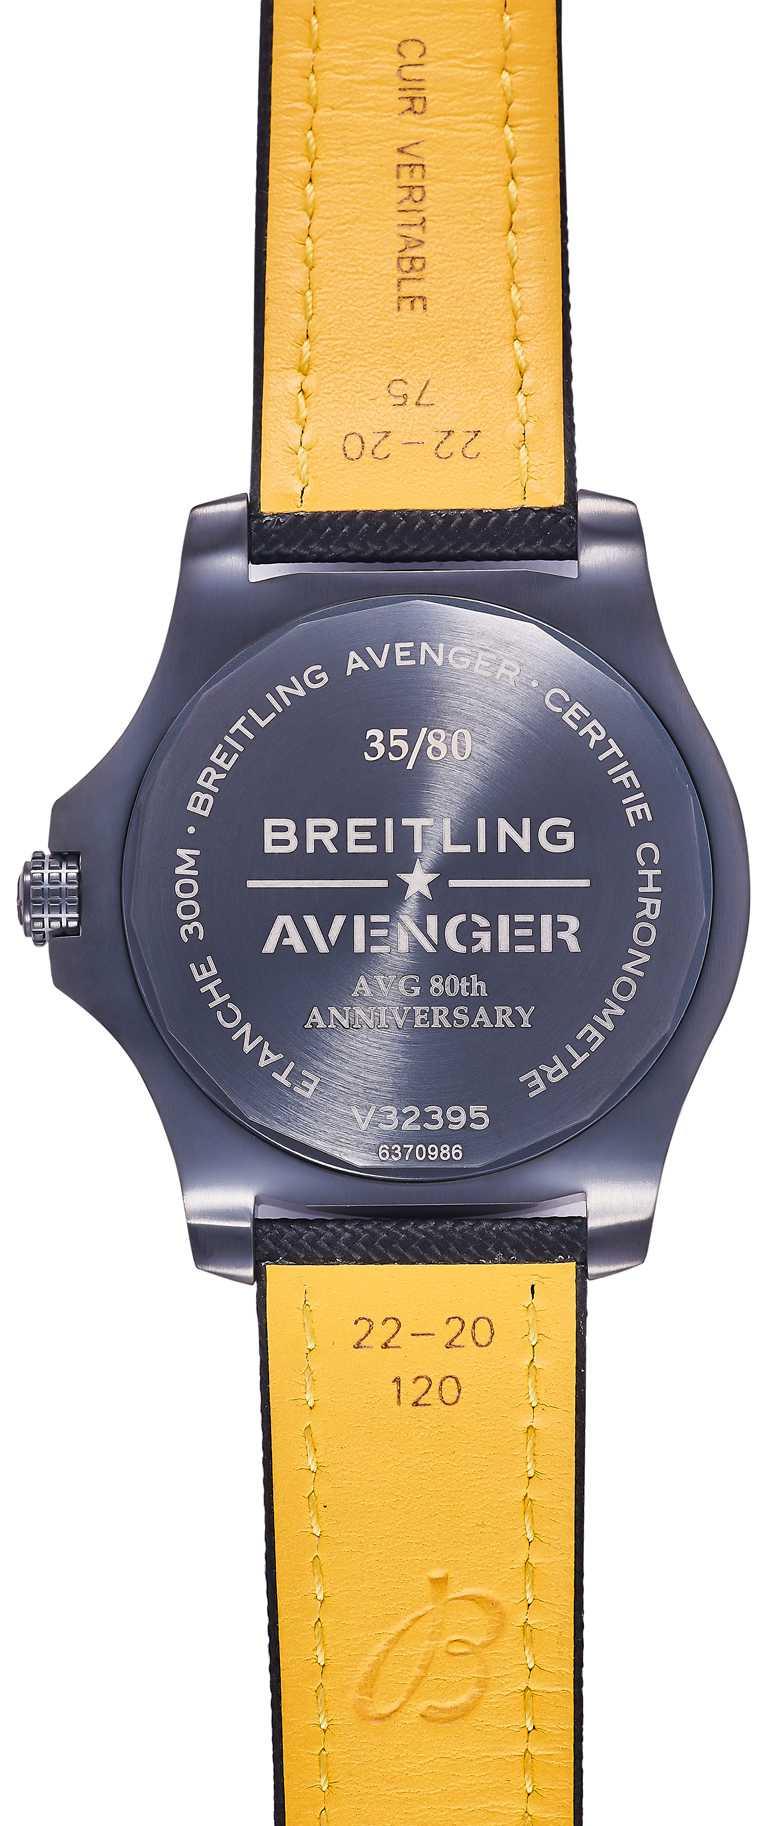 BREITLING「Avenger AVG飛虎隊80周年紀念」台灣限定款腕錶,搭配穿釦式黑色或卡其色軍用錶帶。(圖╱BREITLING提供)